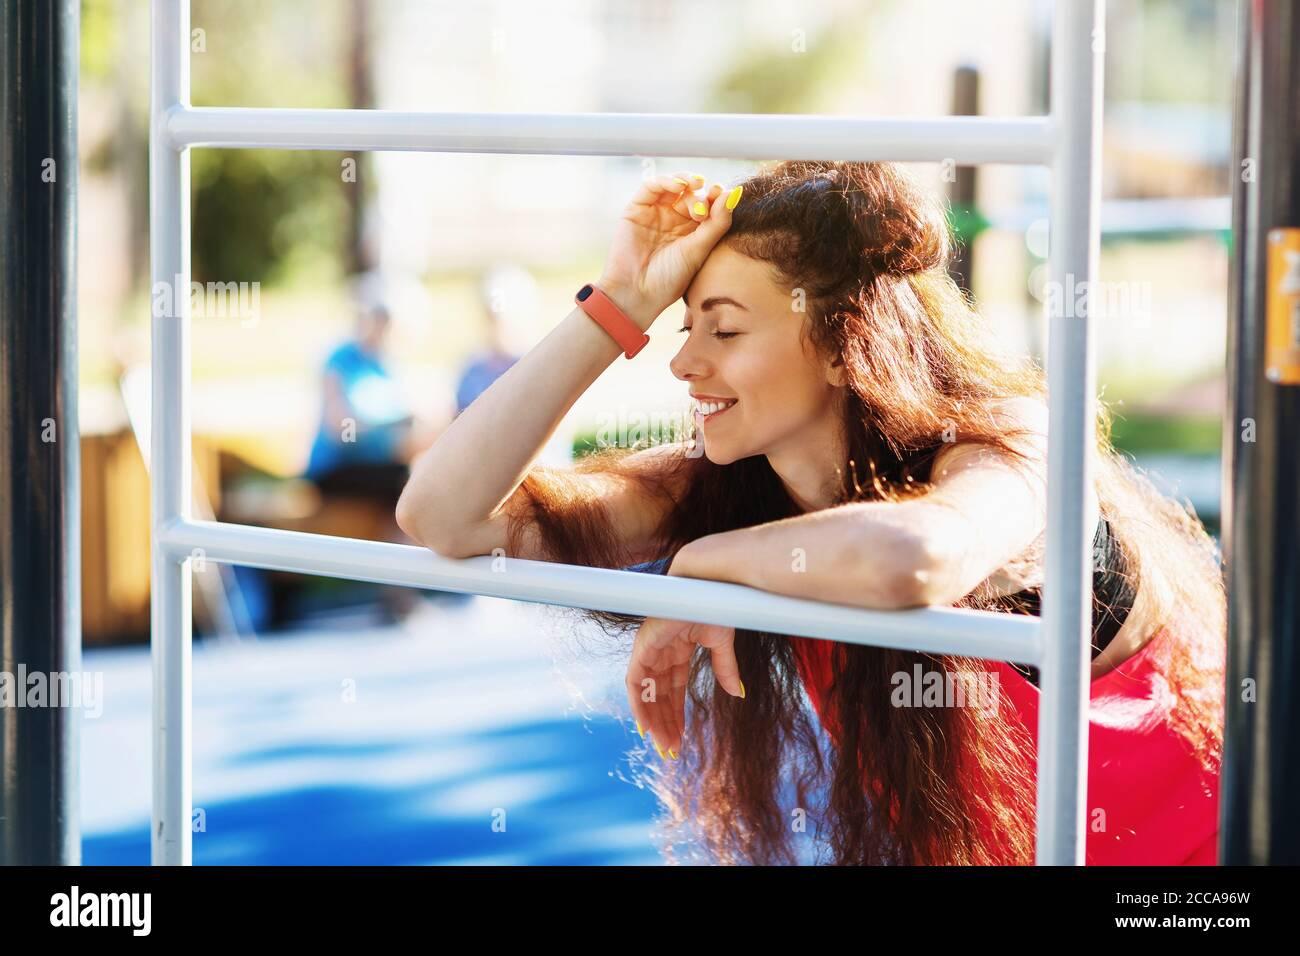 Retrato de una mujer joven de vacaciones en un campo deportivo en el parque Foto de stock